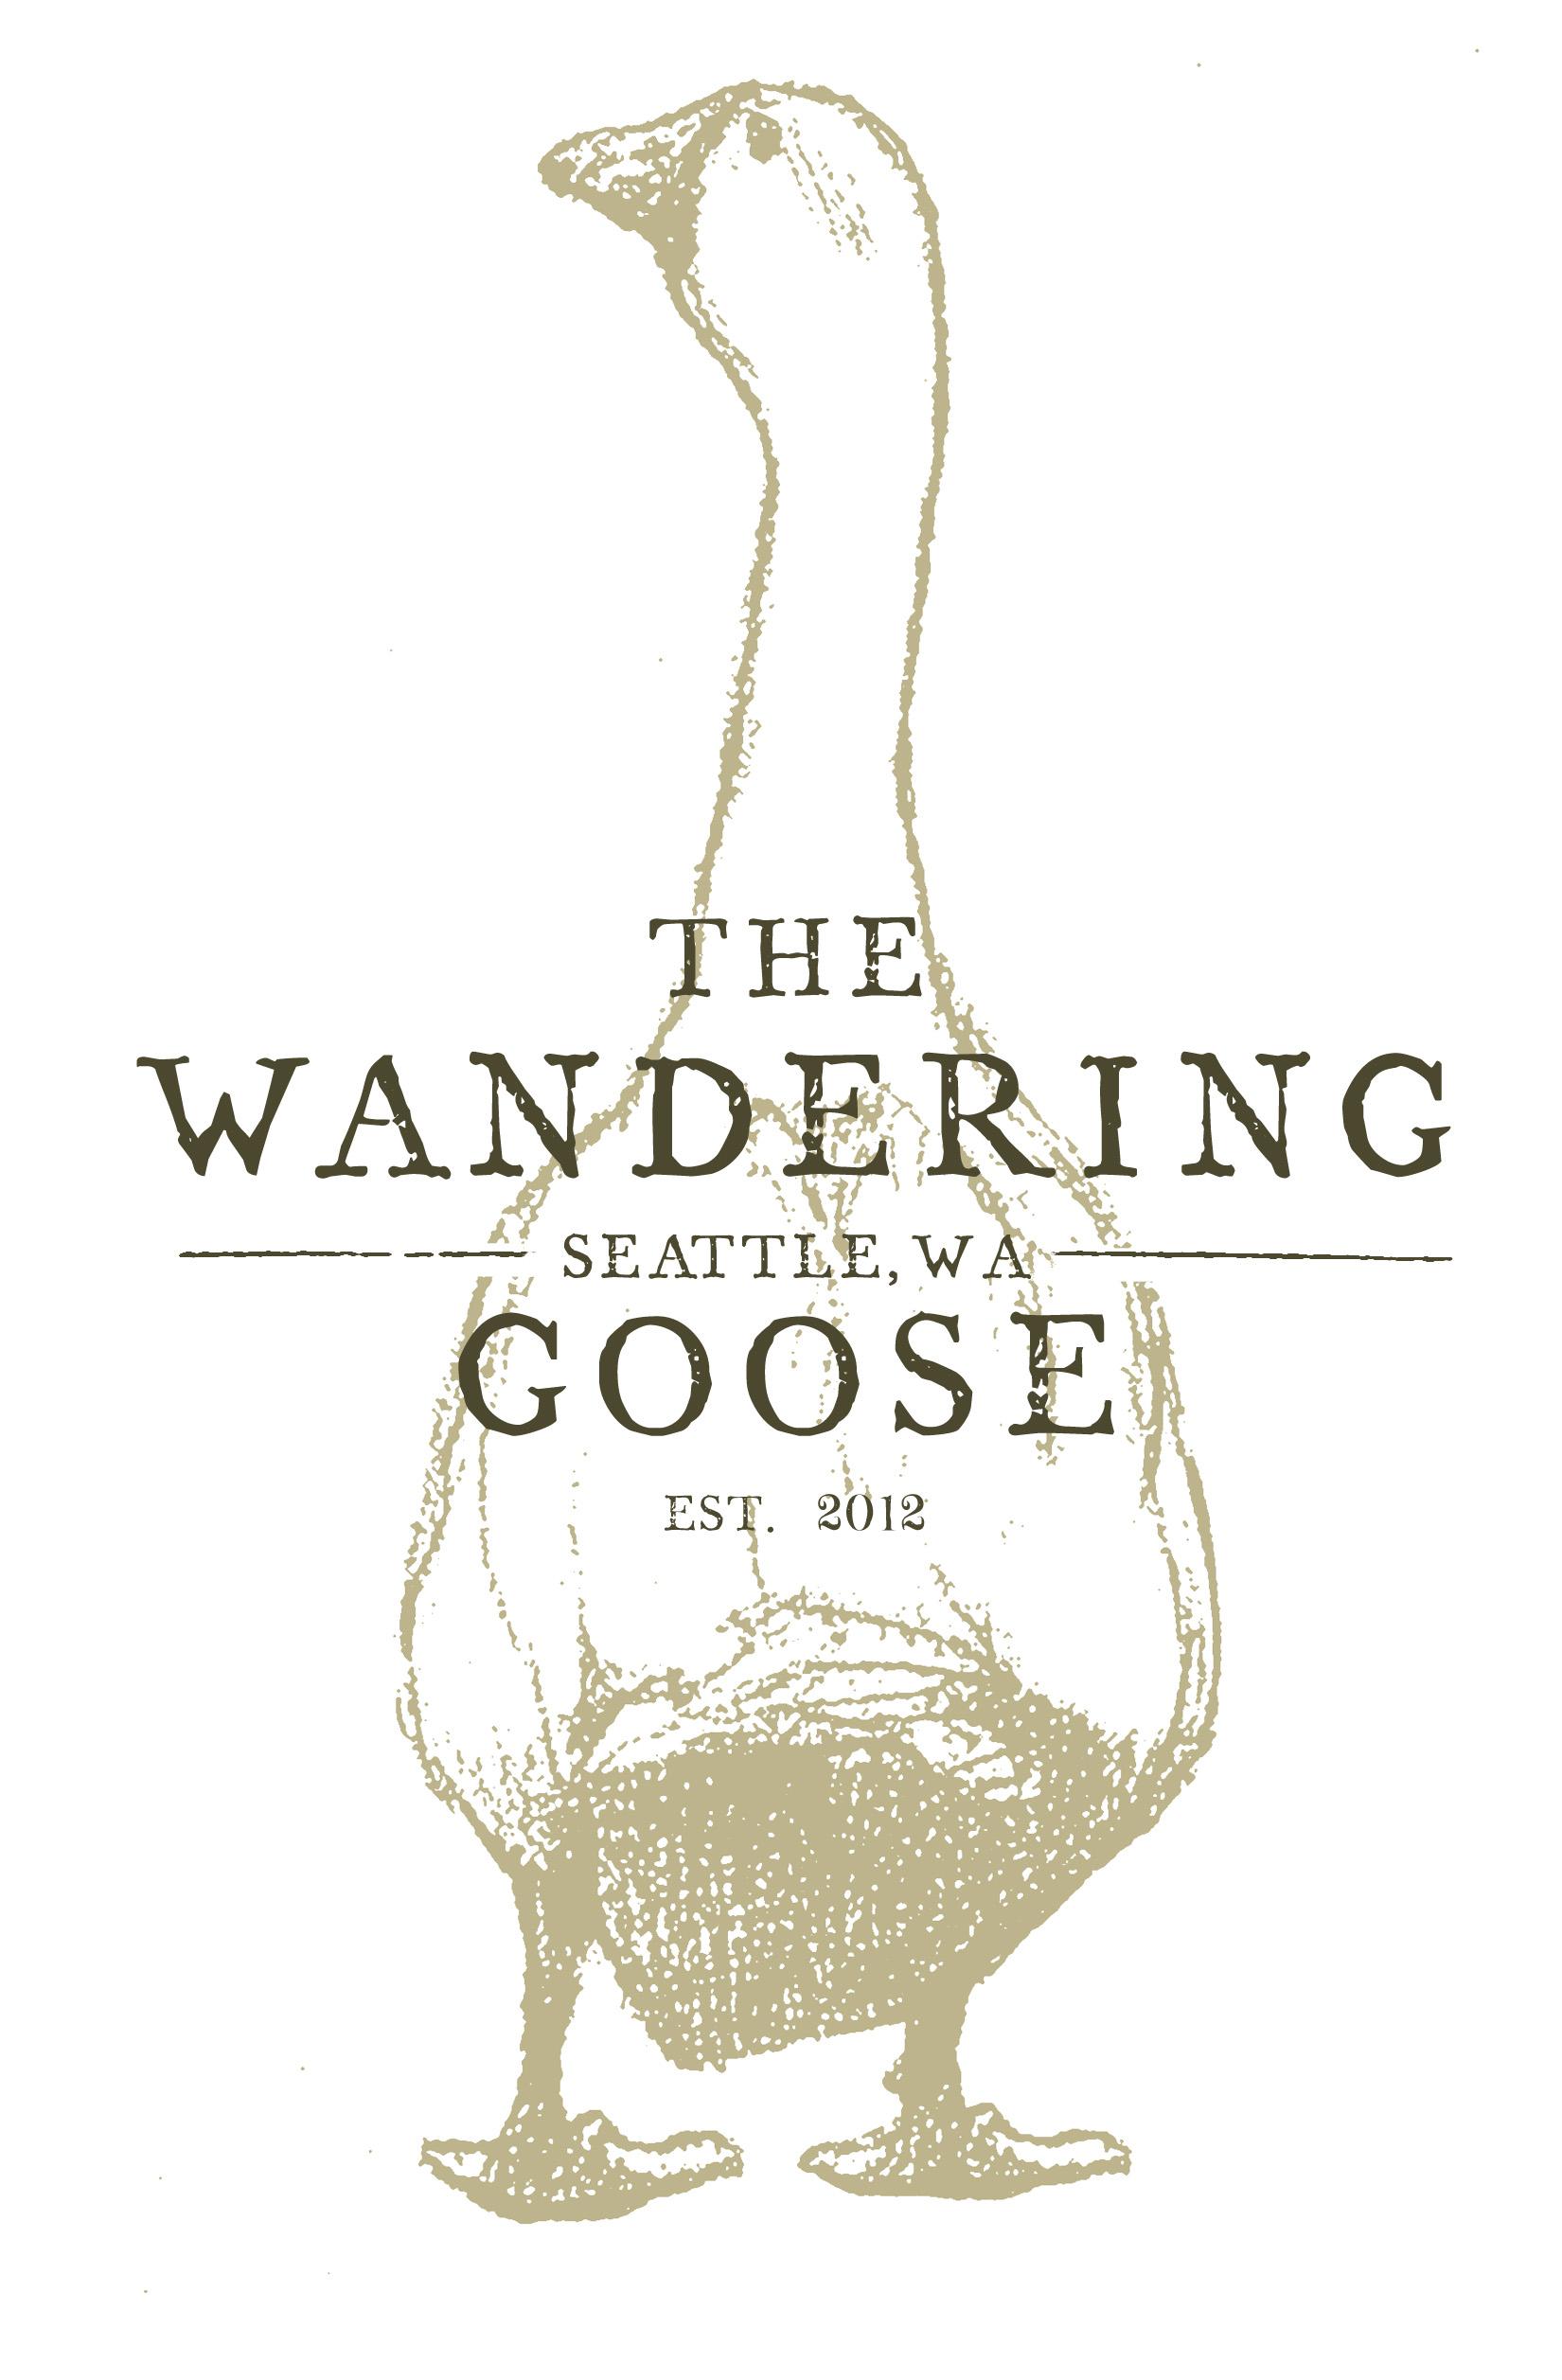 Wandering Goose